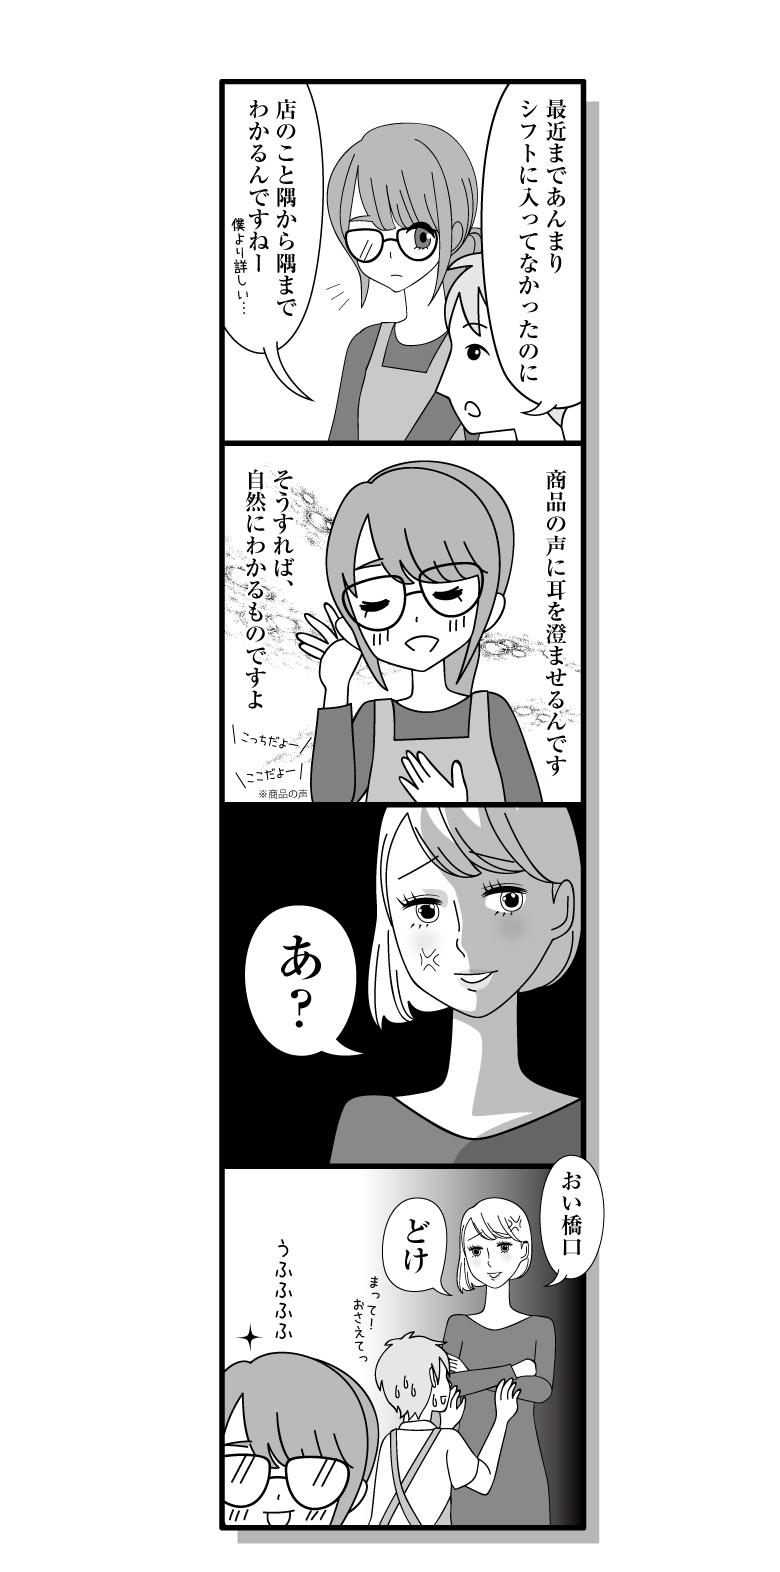 180630_manga